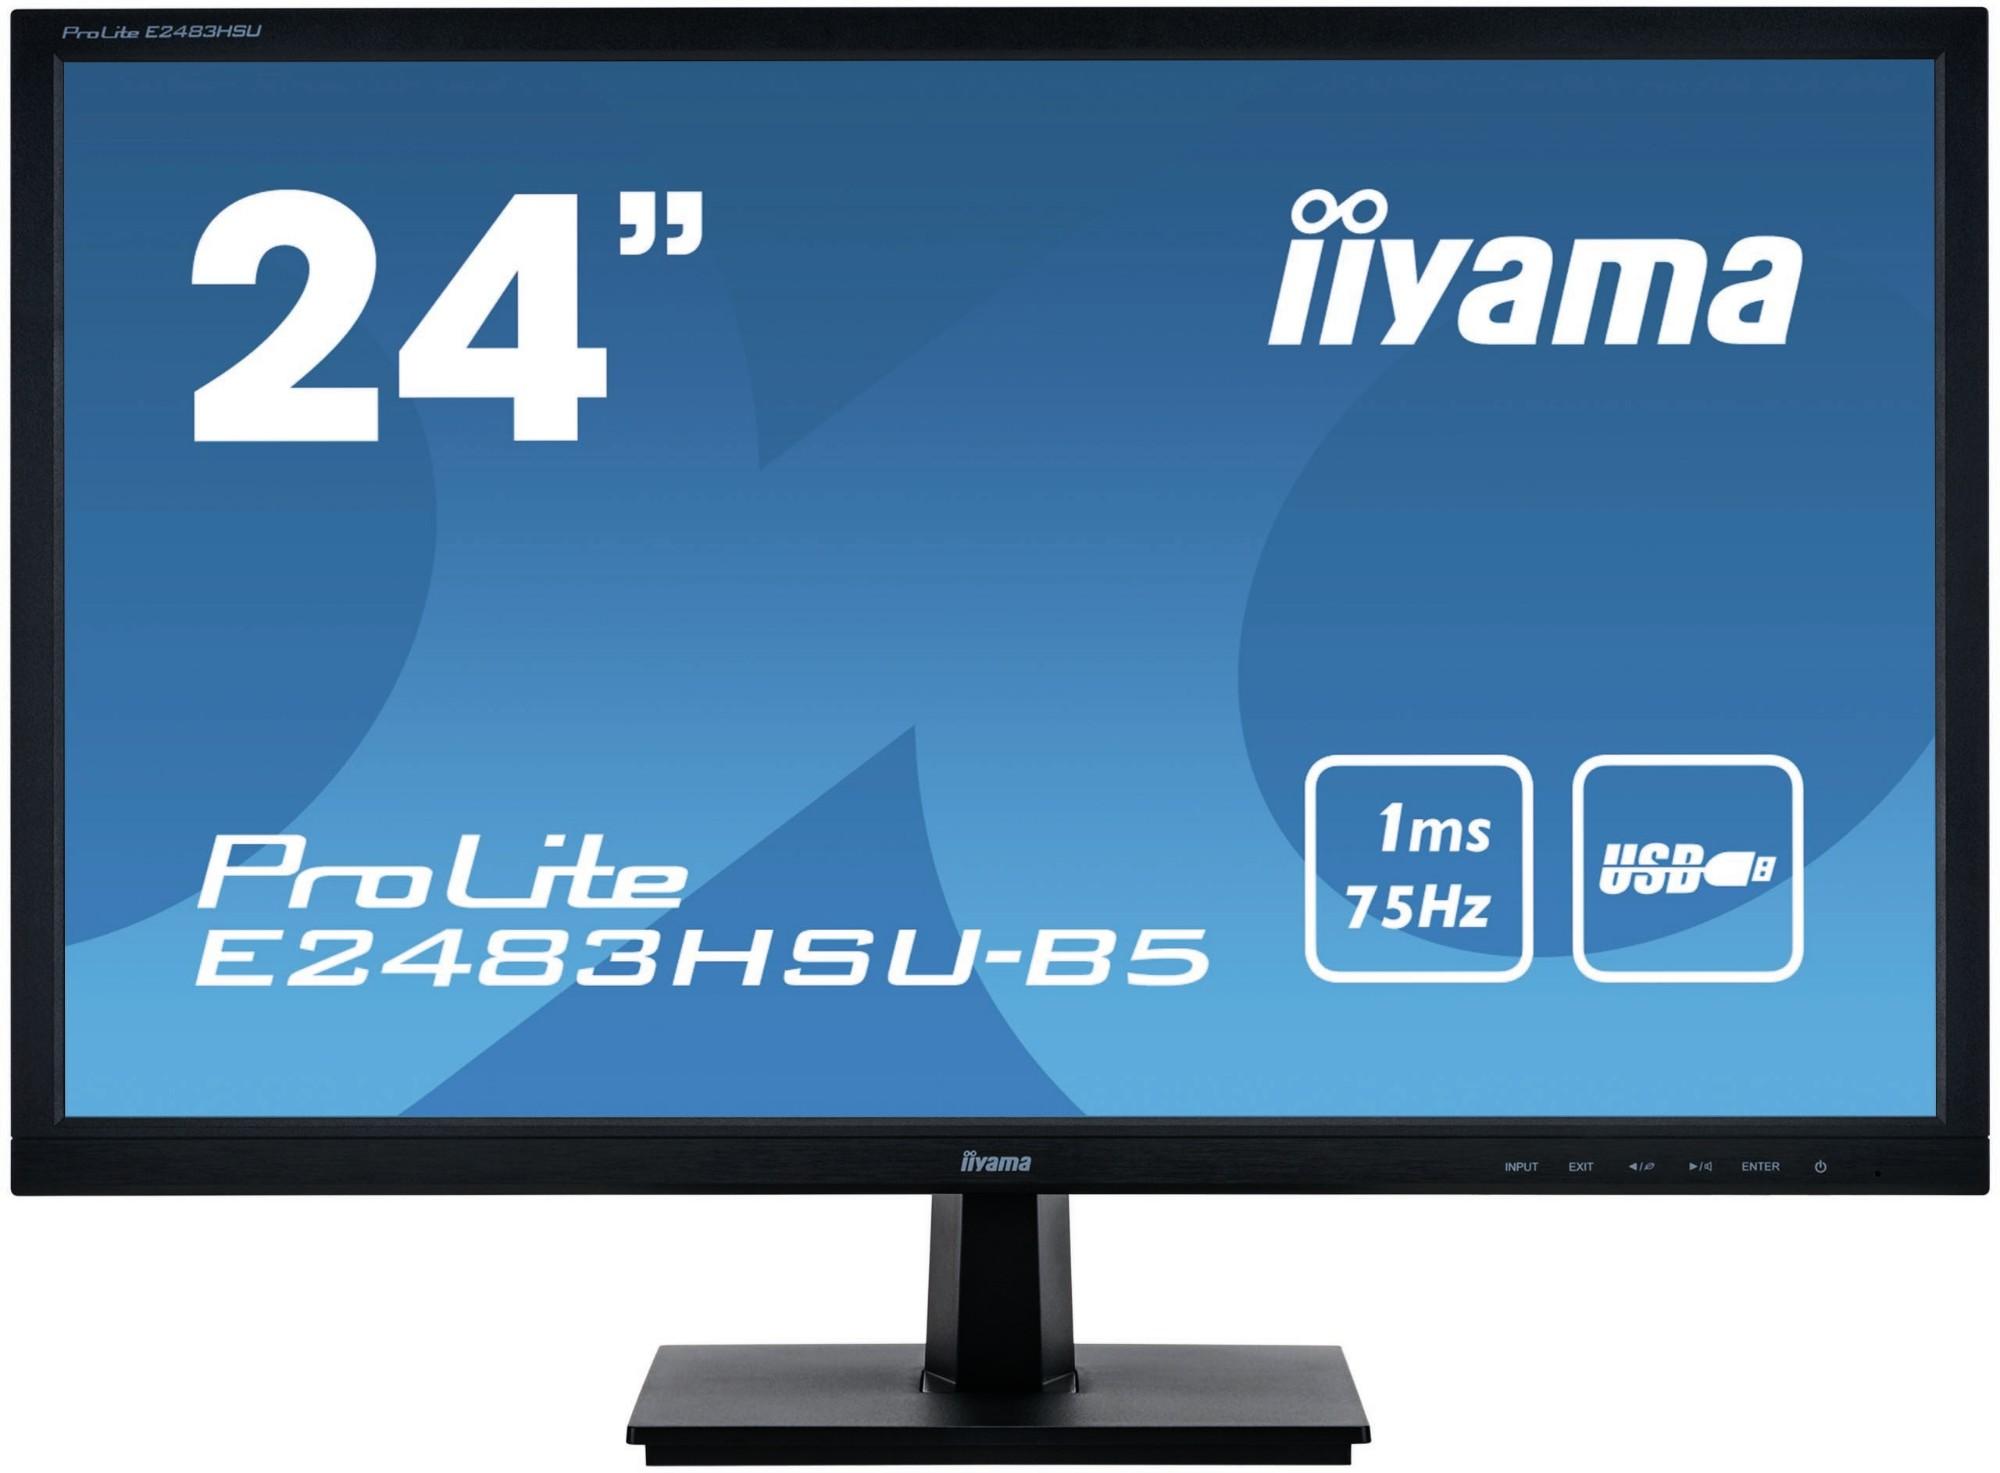 iiyama ProLite E2483HSU-B5 computer monitor 61 cm 24